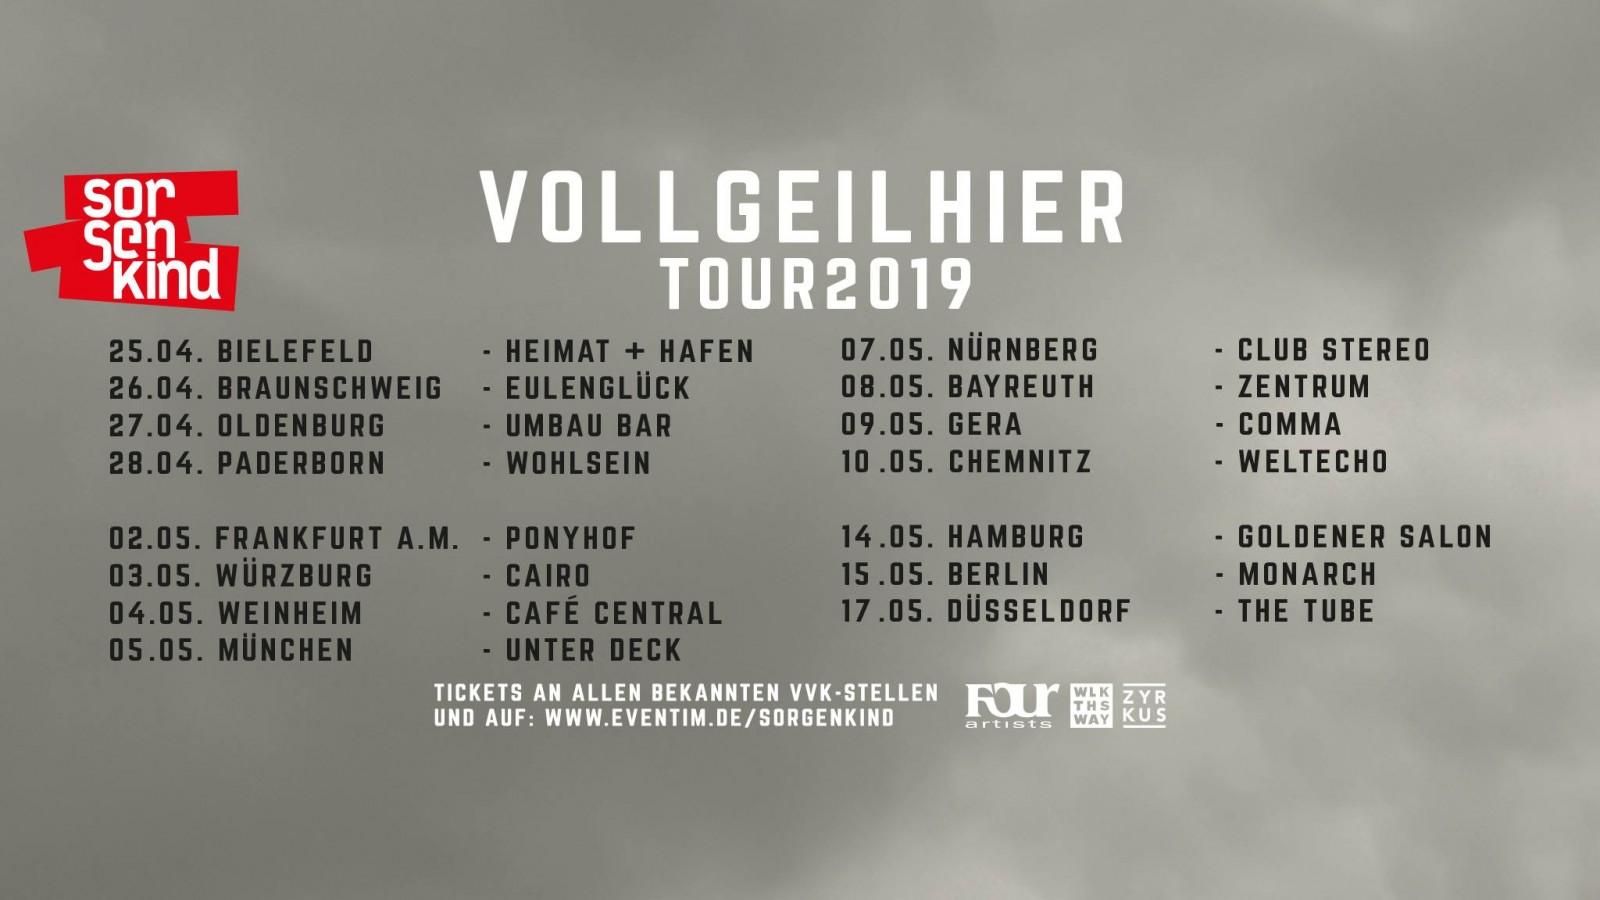 Veranstaltungen & Events am »Sonntag, 28. April 2019« in deiner Nähe...